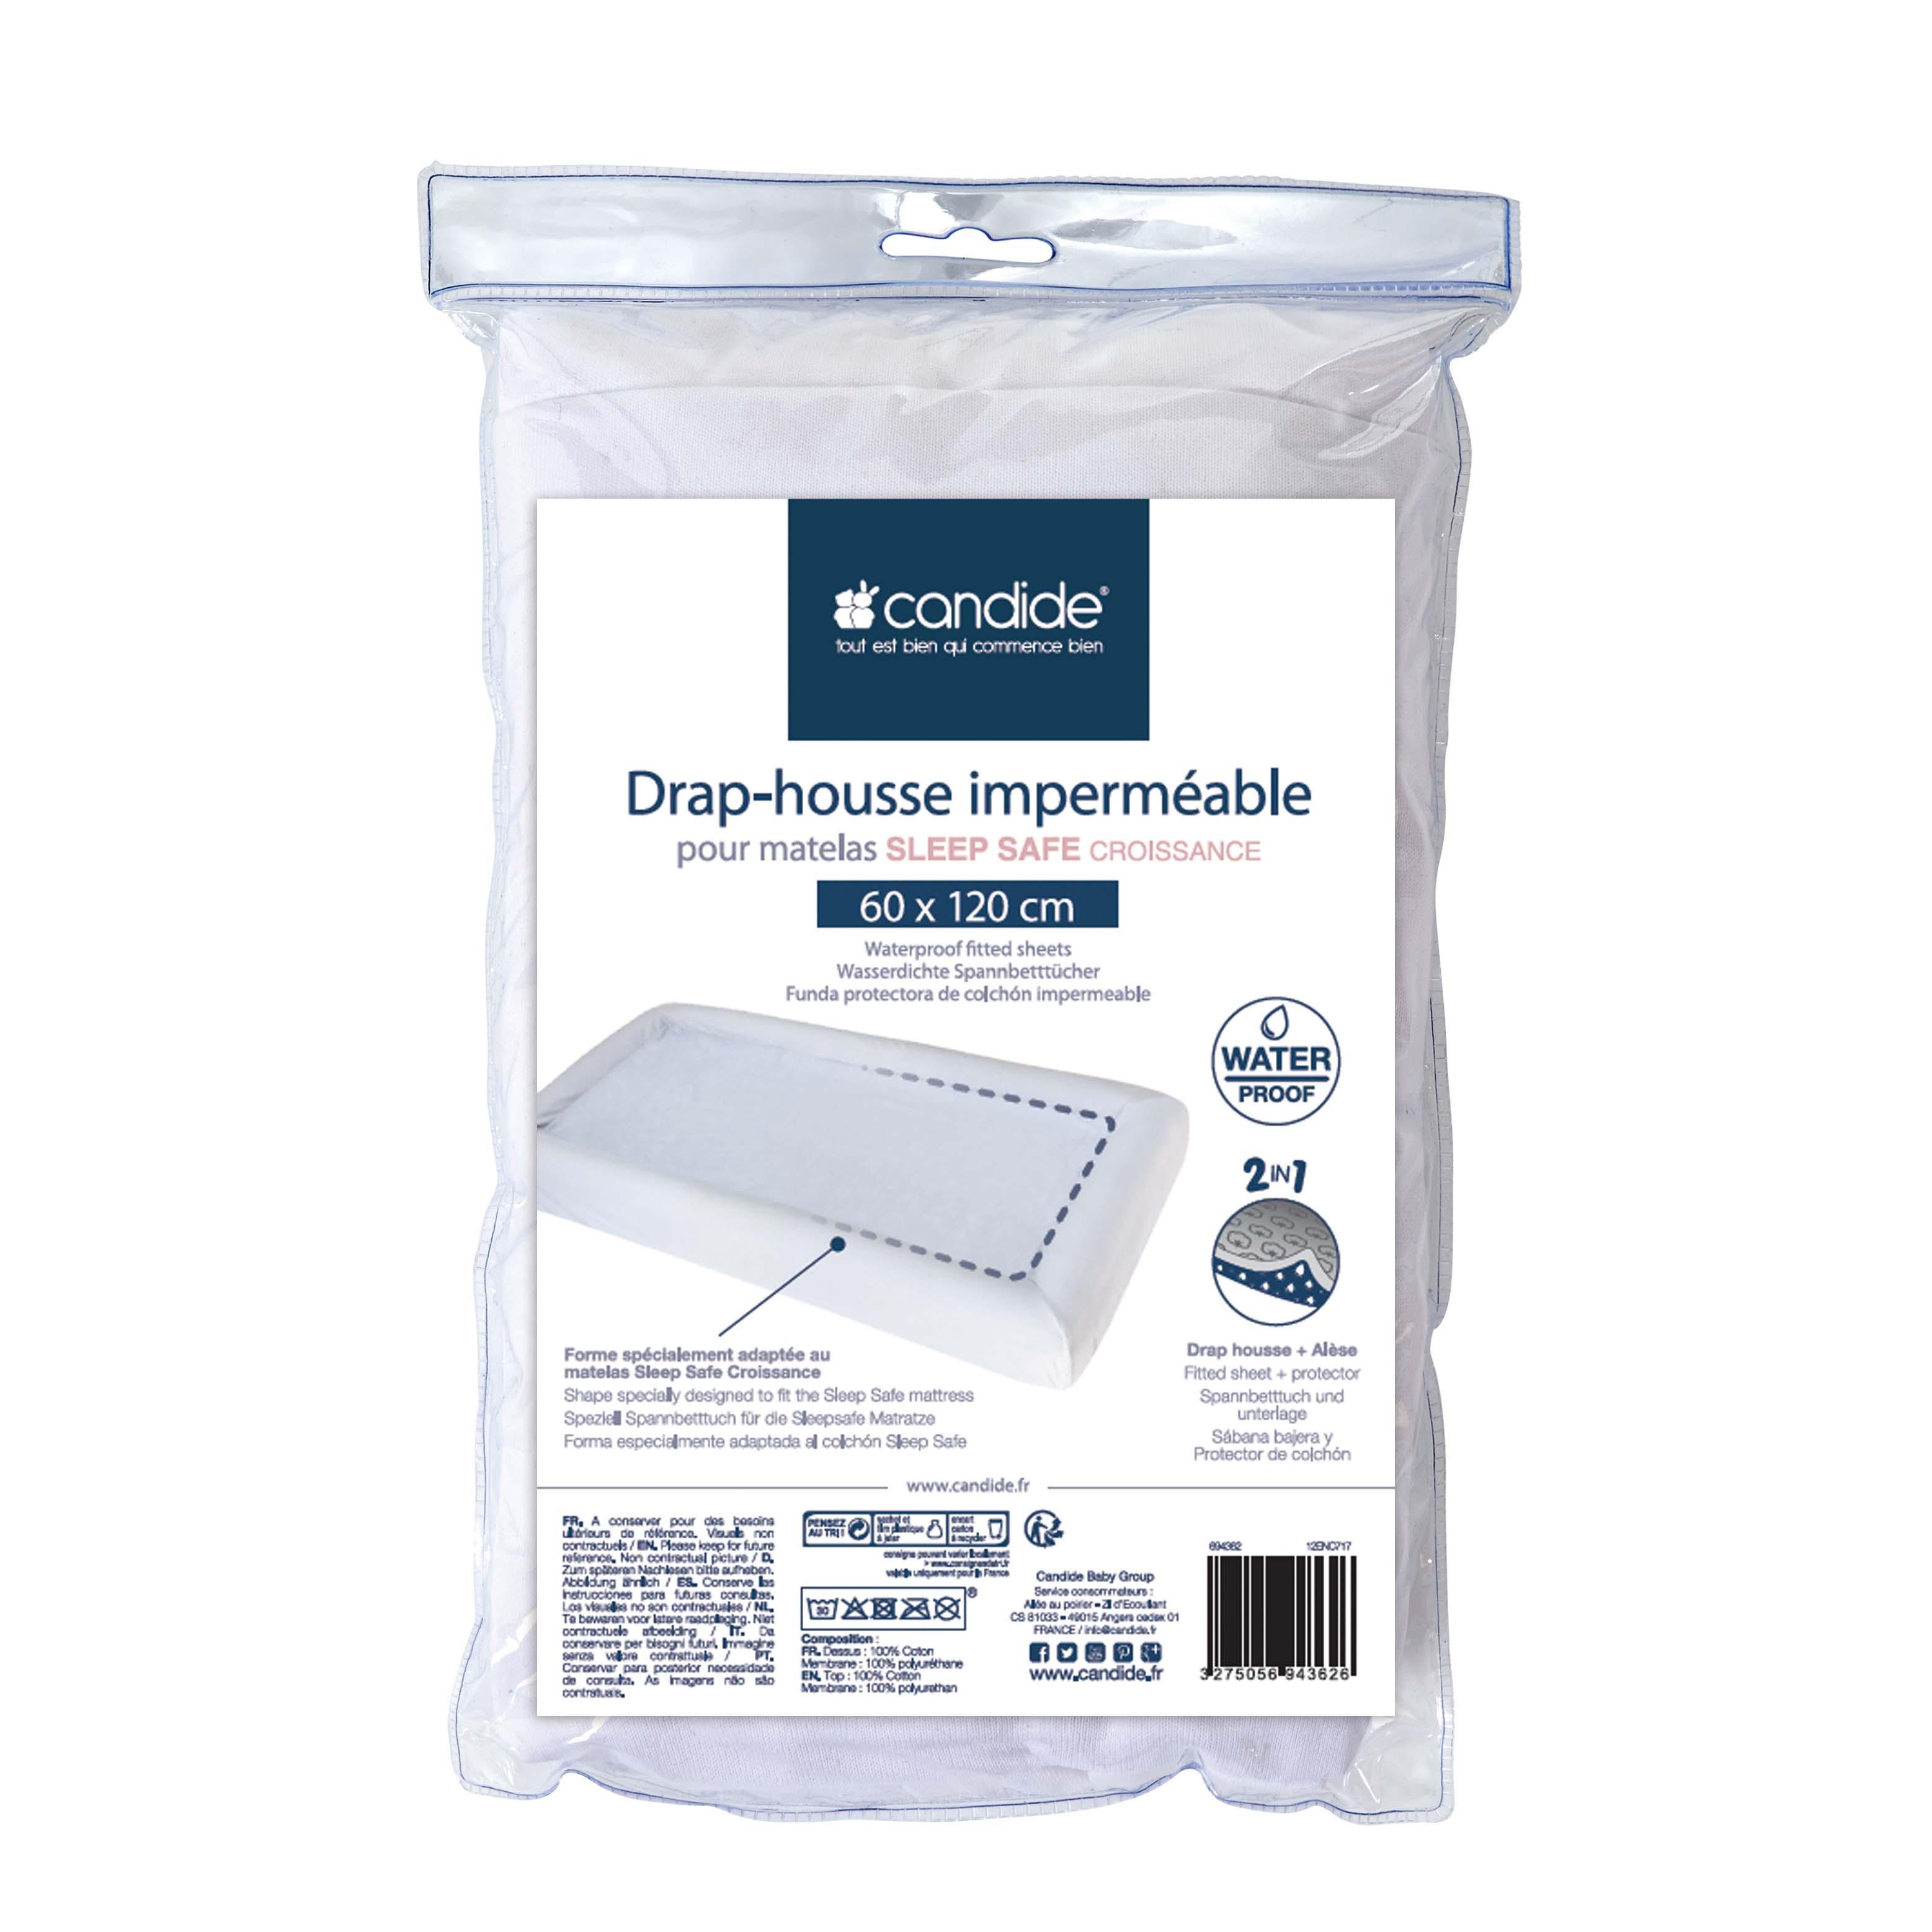 drap housse imperméable Copie de Drap housse imperméable Blanc   Products and accessories  drap housse imperméable